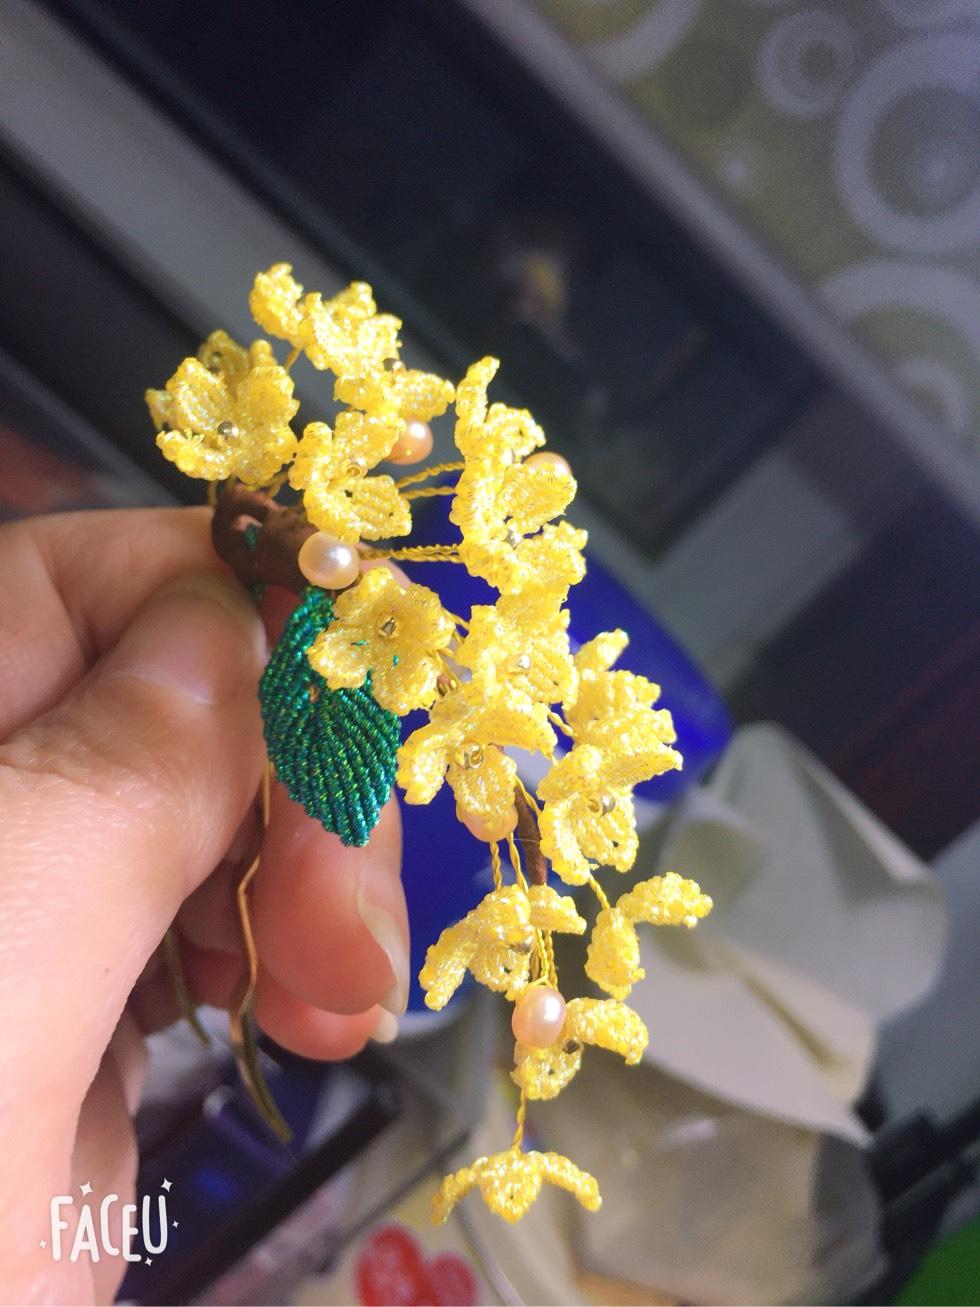 中国结论坛 小花教程及变化 教程,手工小花怎么做 折纸,幼儿园手工制作,手工小花朵的做法图片 图文教程区 101700ocoe20qu2c2qcipl